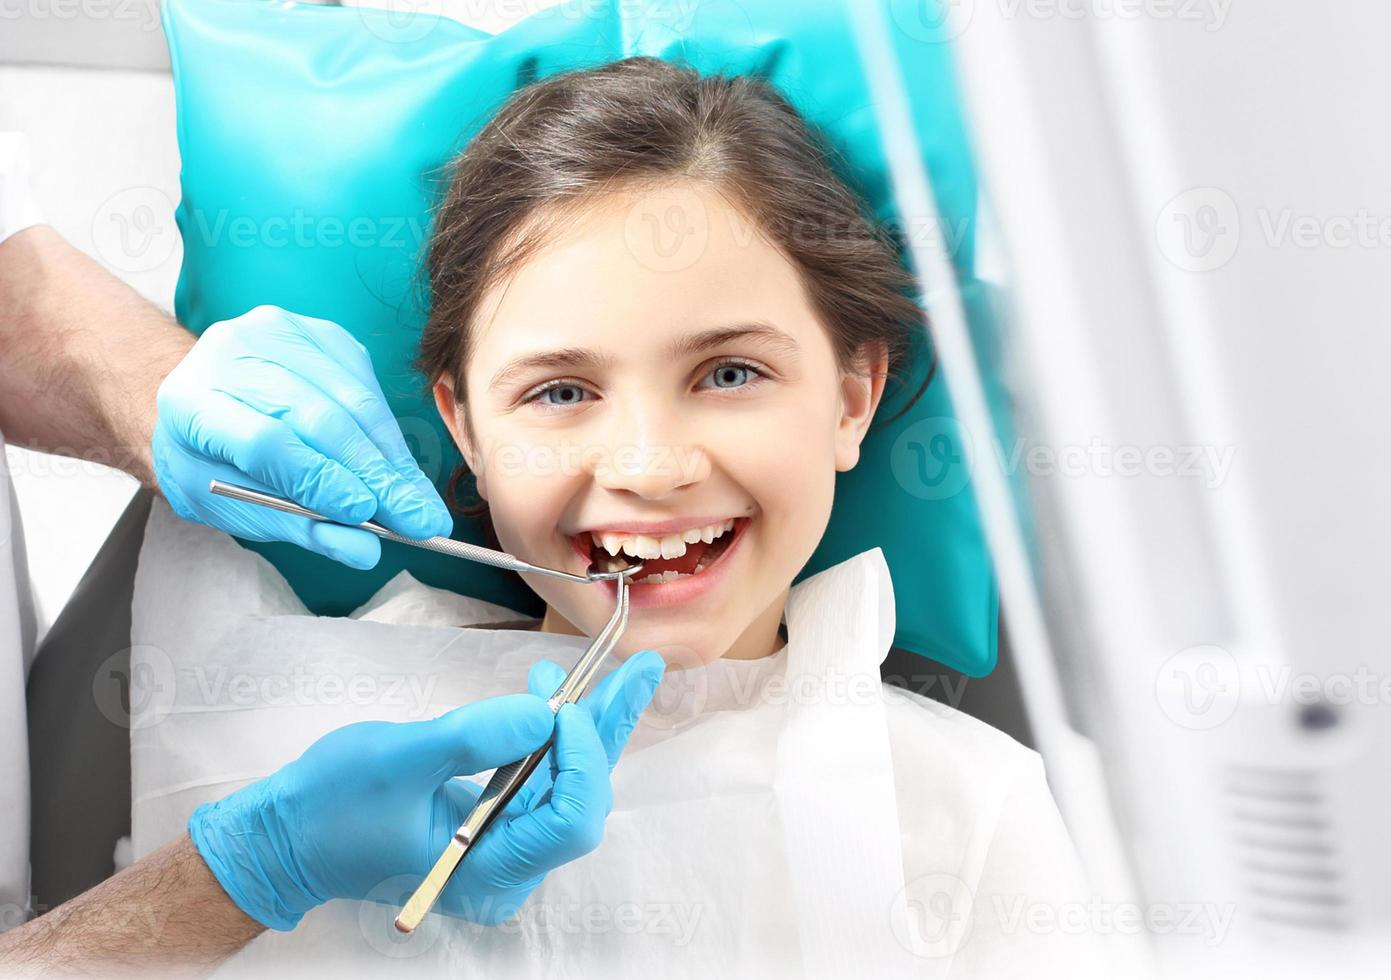 dentista, criança na cadeira odontológica. foto